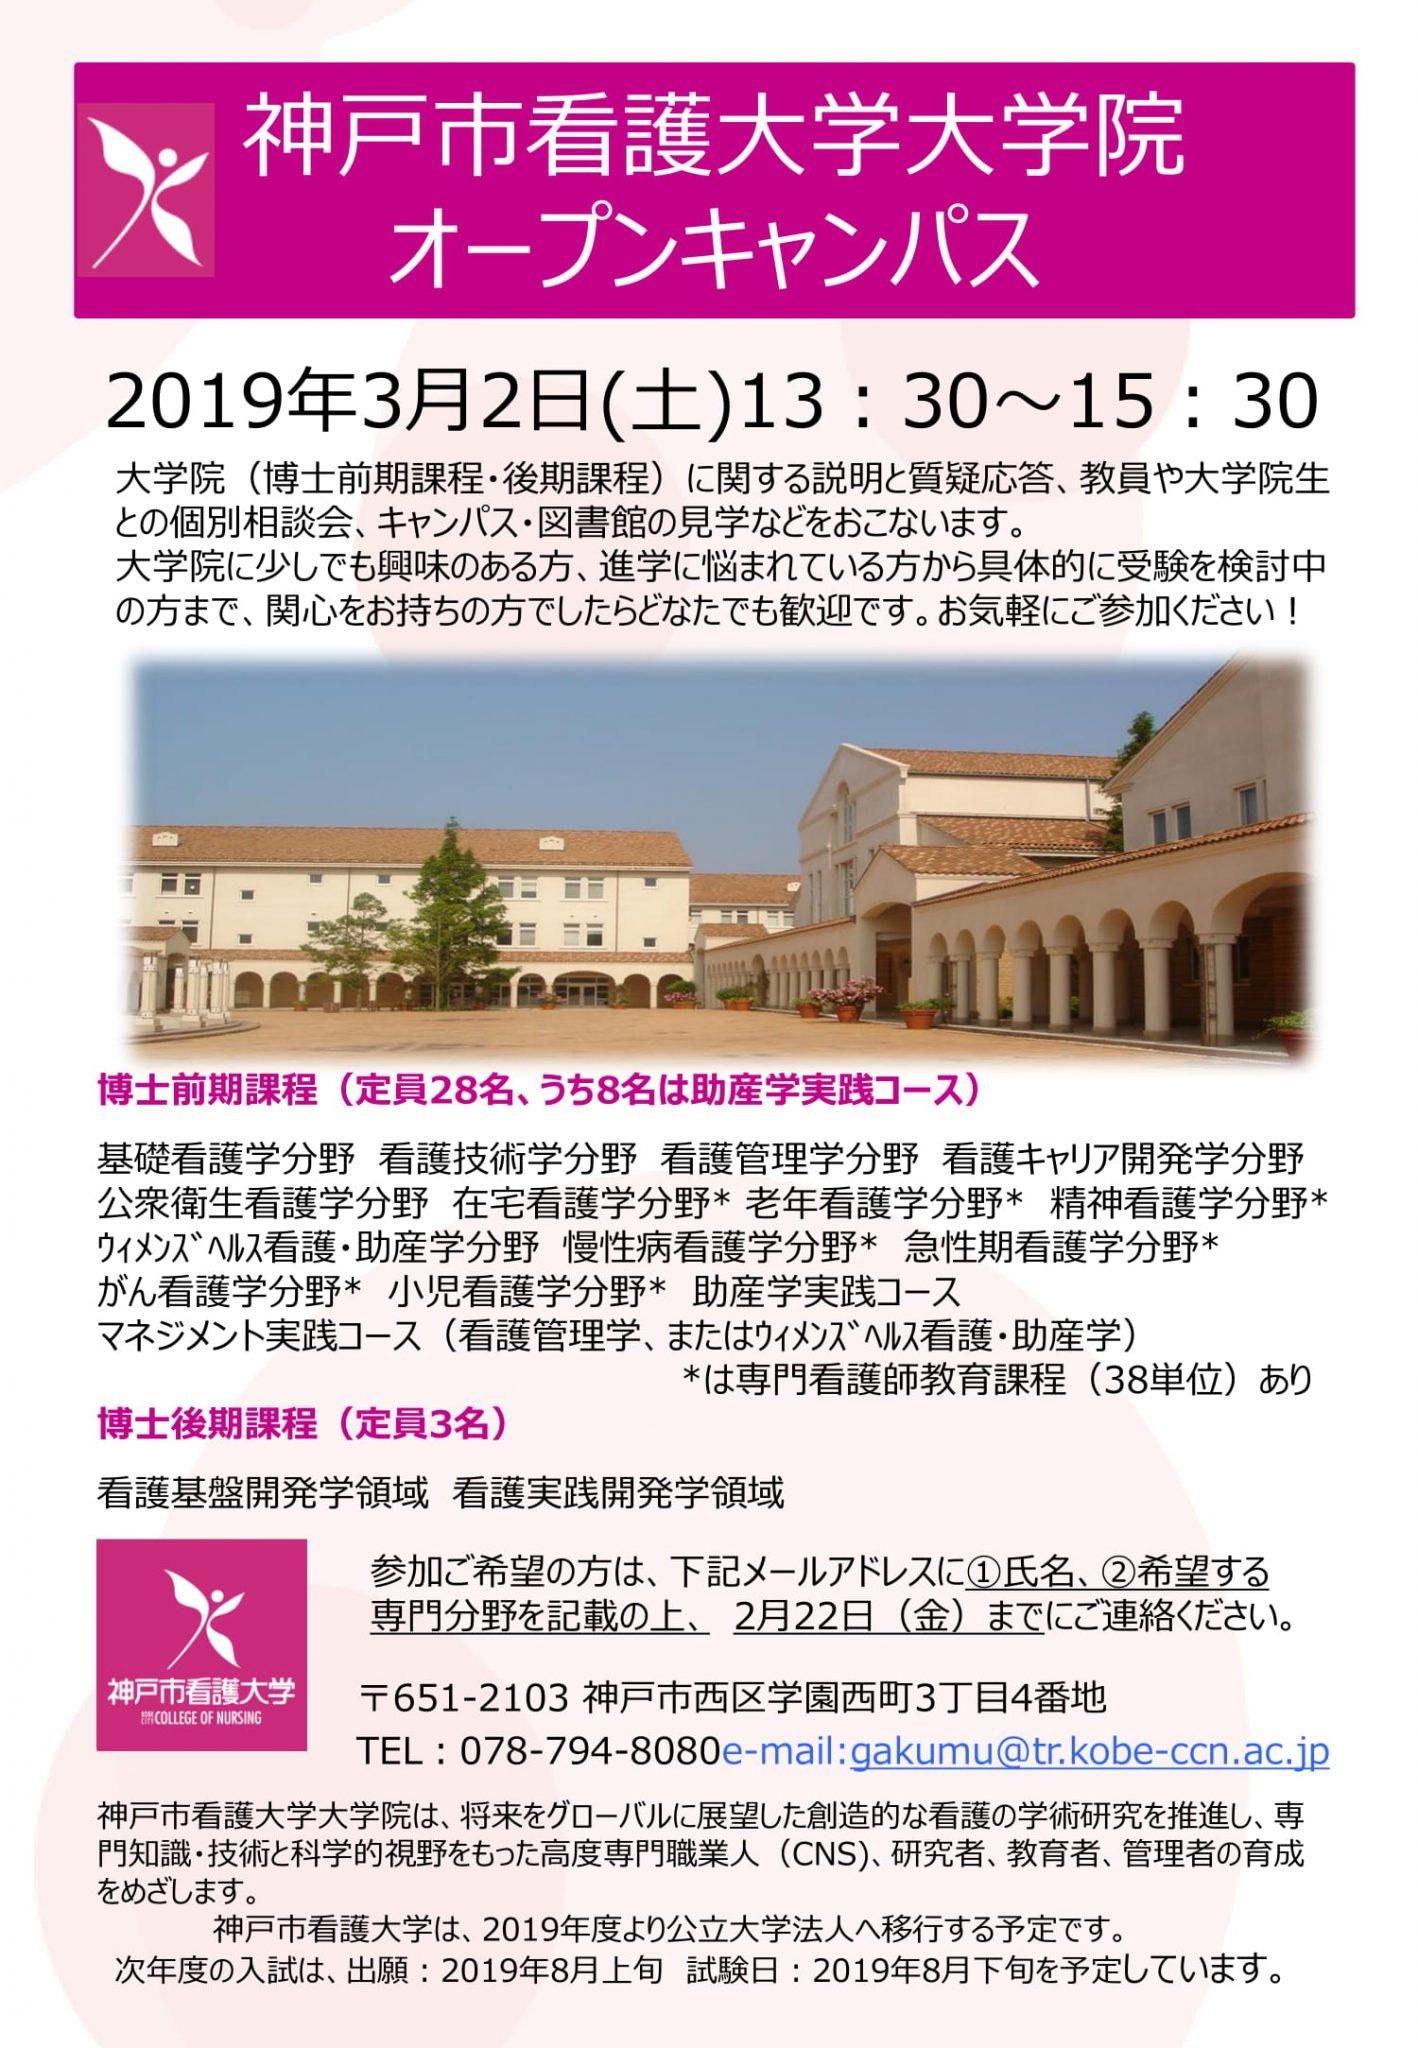 【申込受付中】2019年3月2日(土)大学院オープンキャンパスを開催します